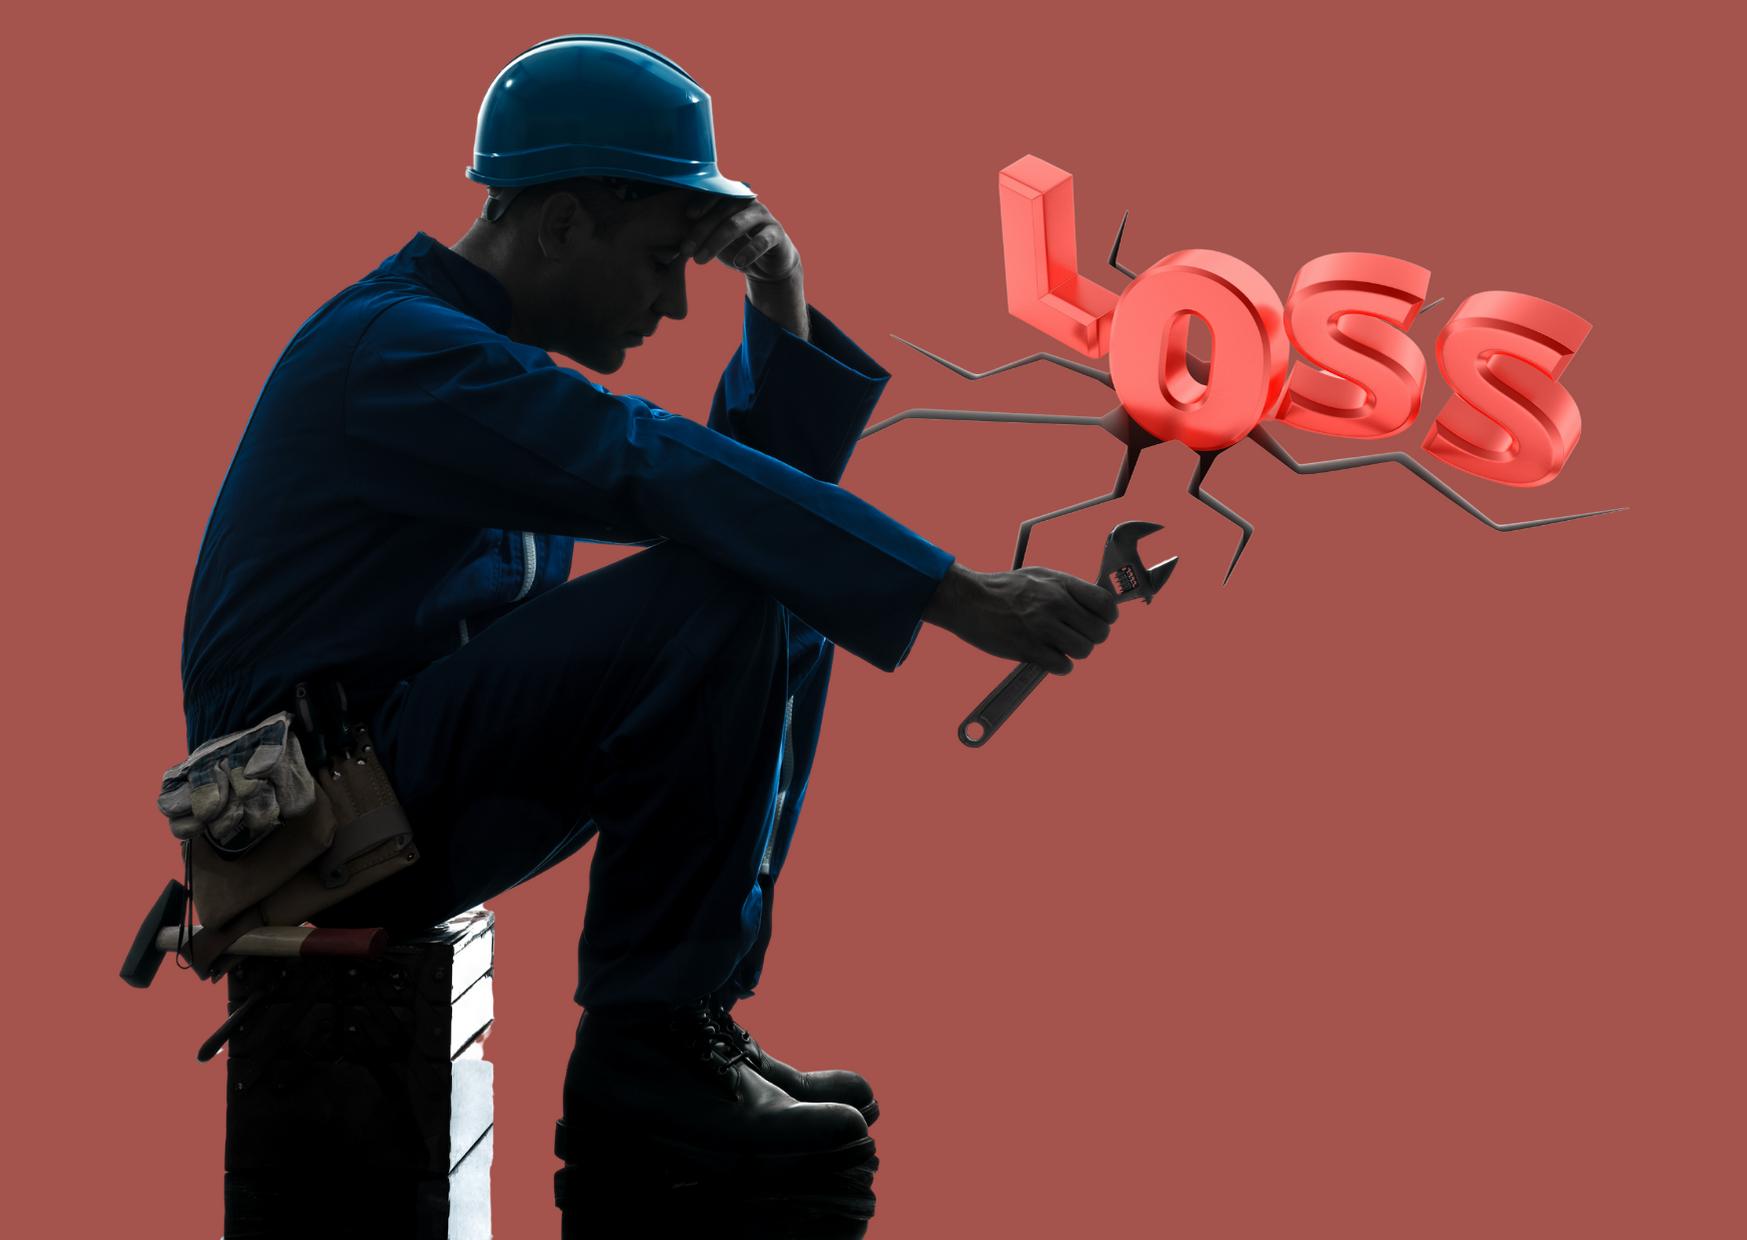 losses.png